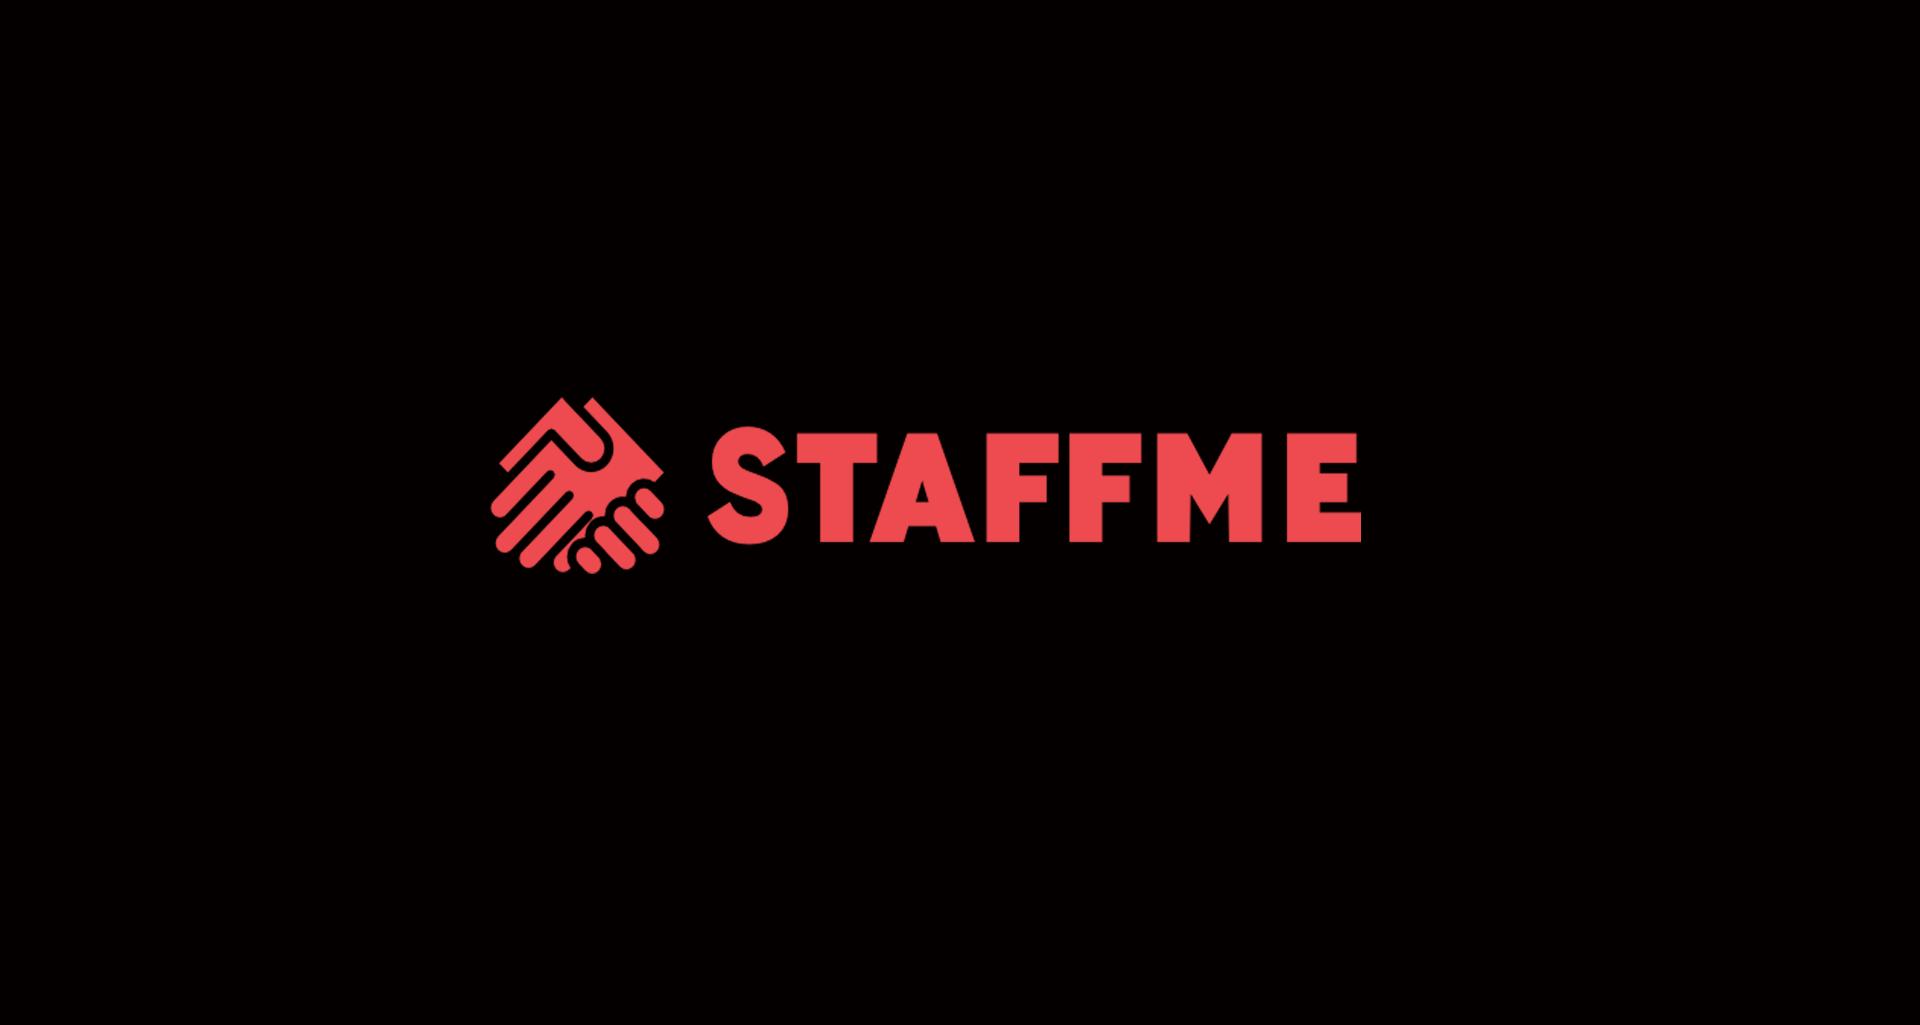 StaffMe